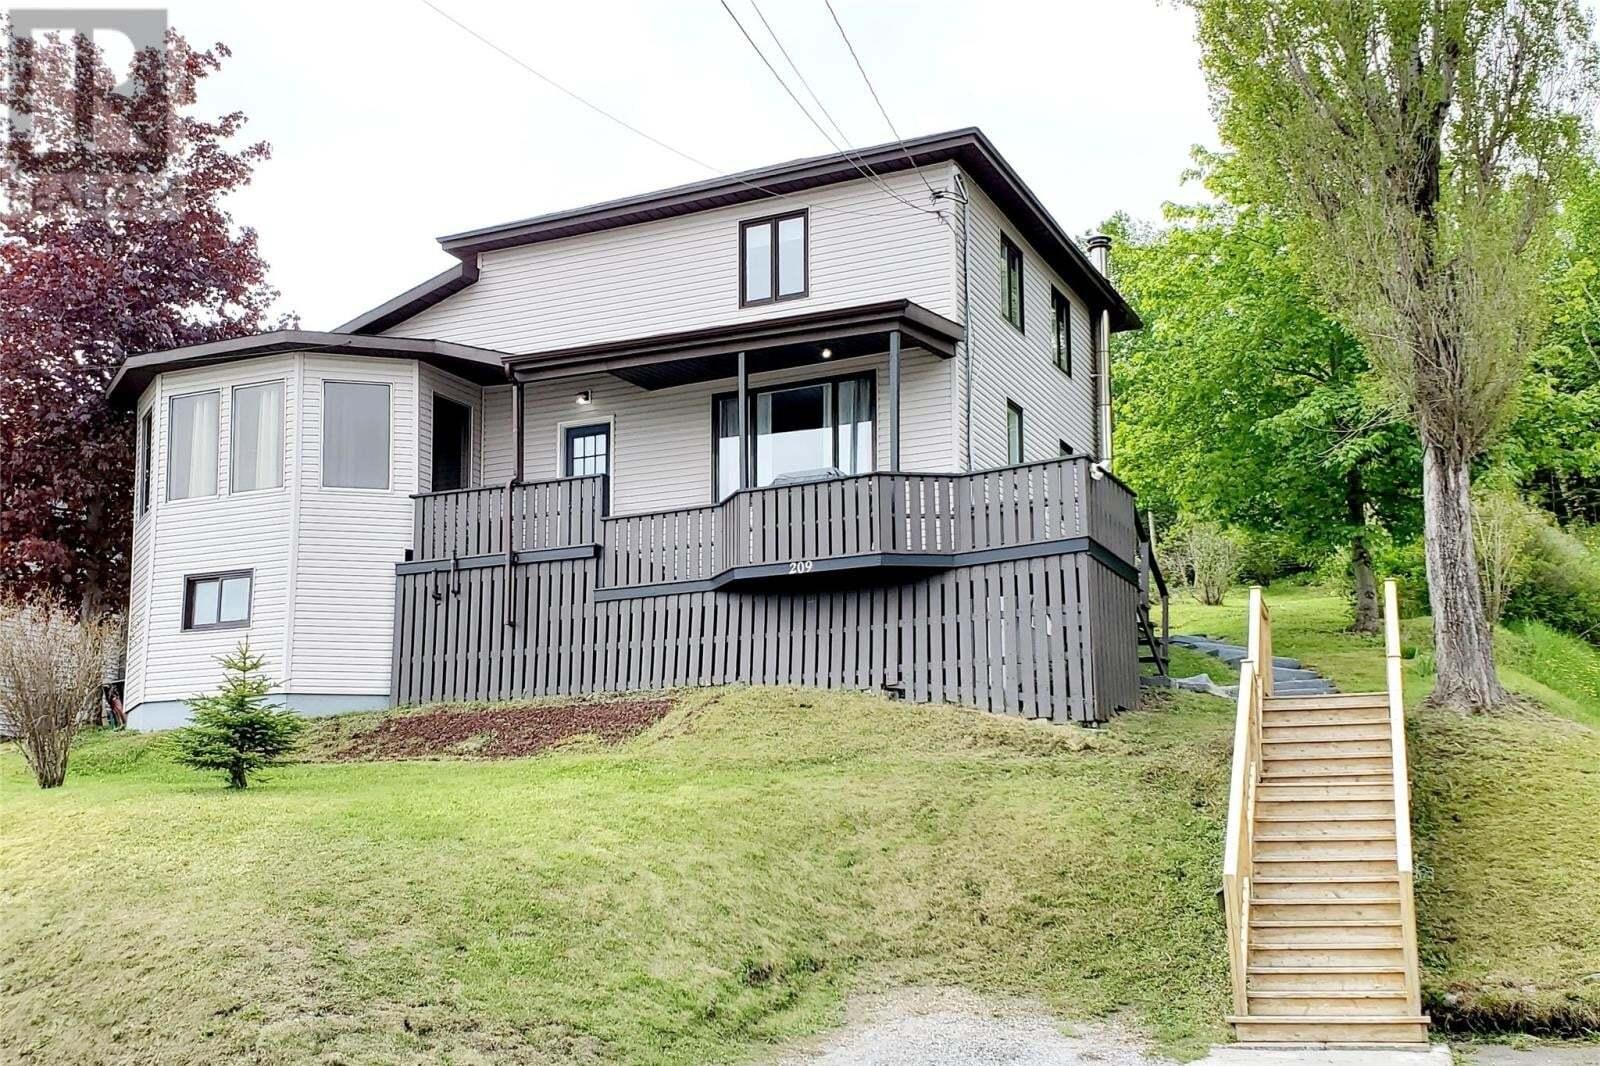 House for sale at 209 Curling St Corner Brook Newfoundland - MLS: 1216215